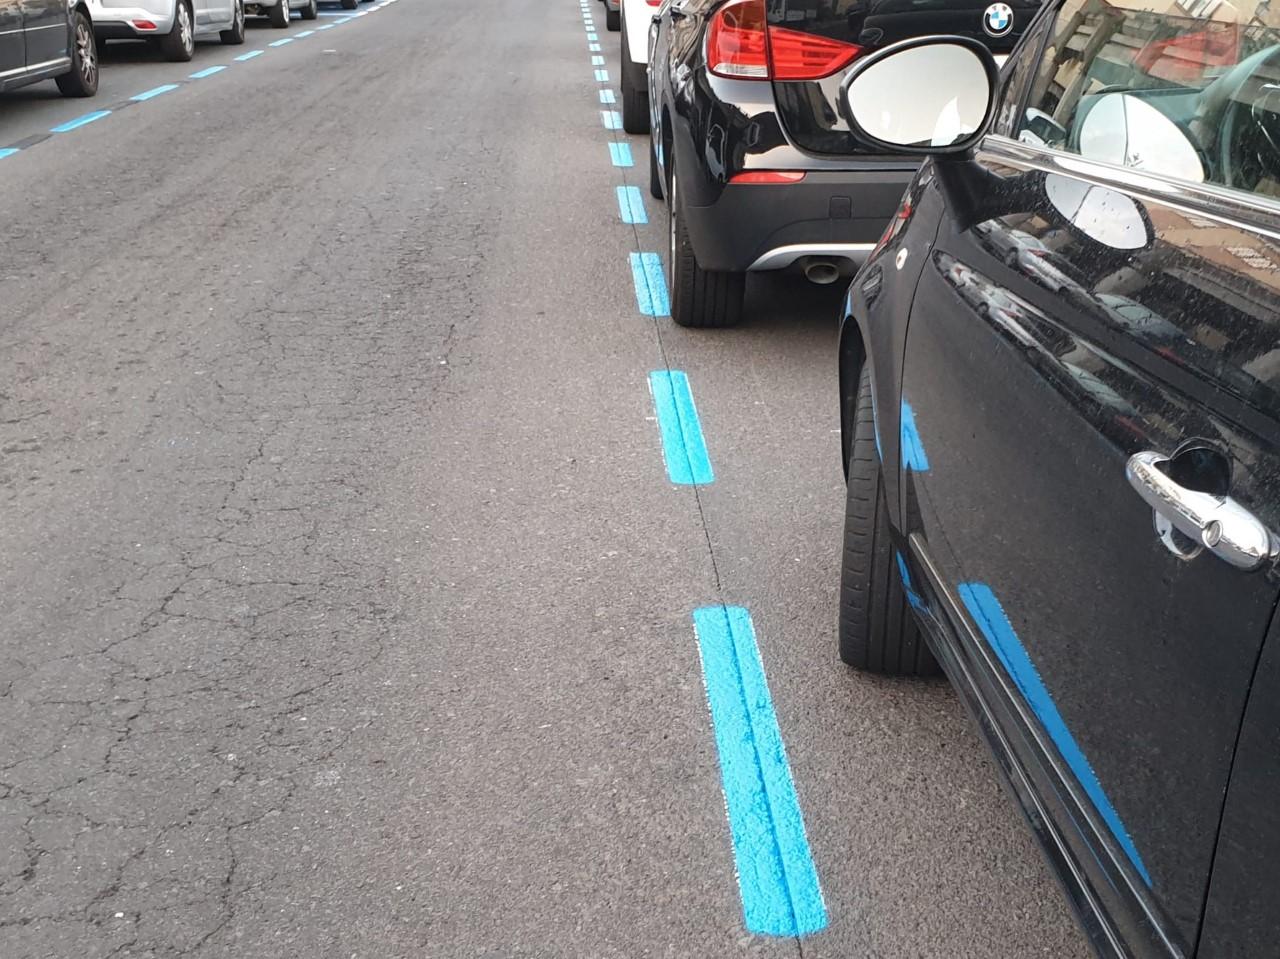 En noviembre comienza el estacionamiento regulado en tres vías de La Orotava